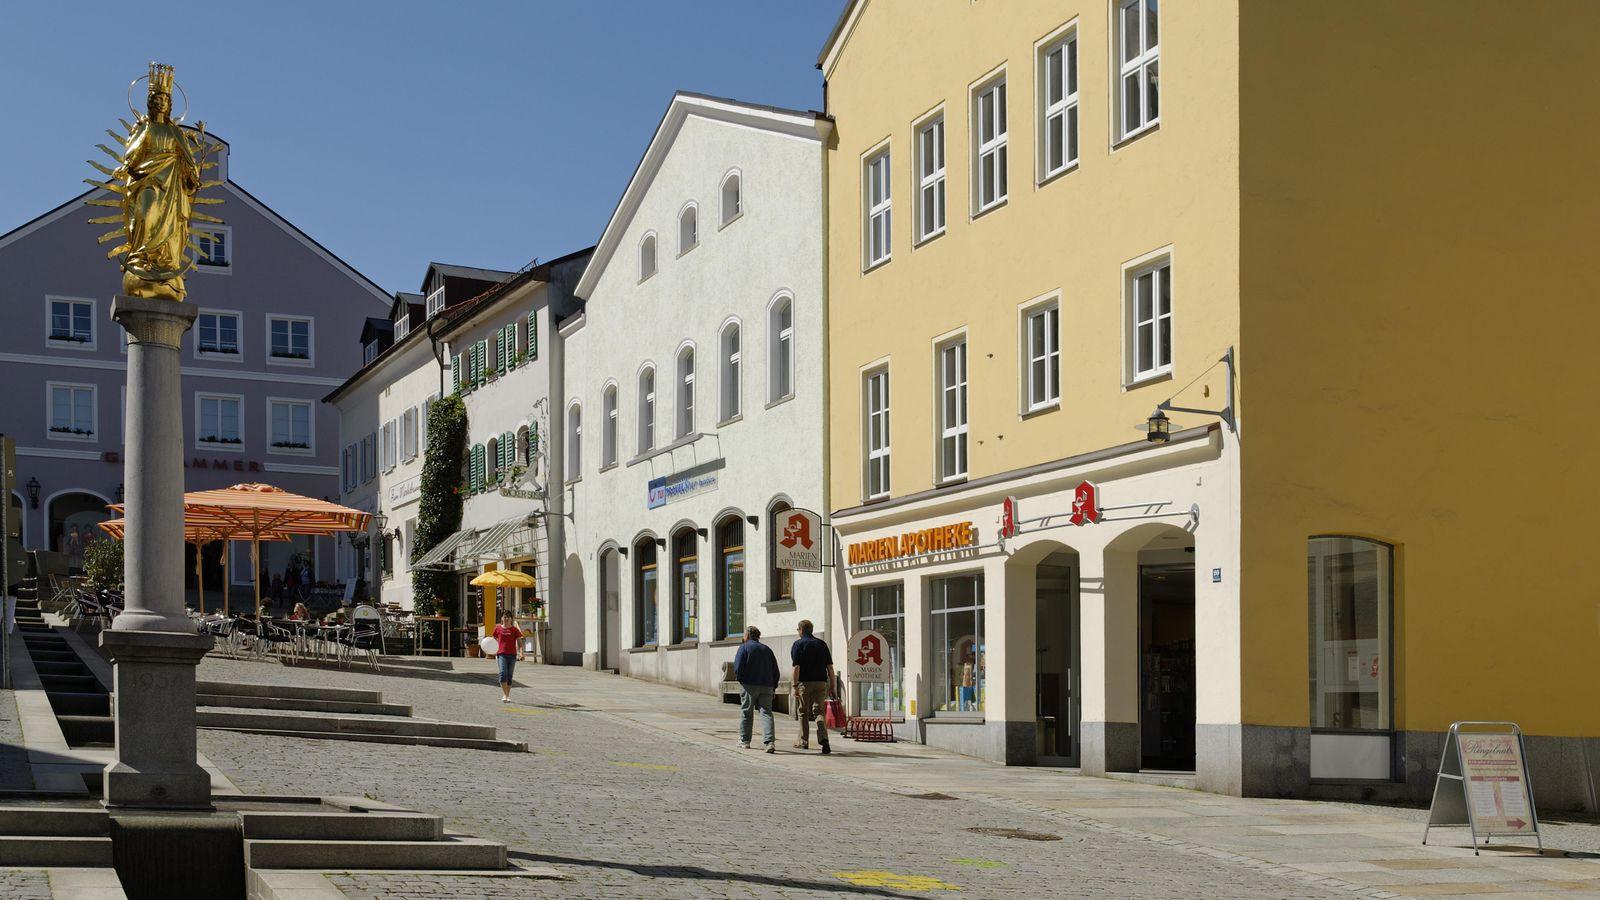 Nach Beschwerde: Auch Waldkirchen bekommt 'Behörde'